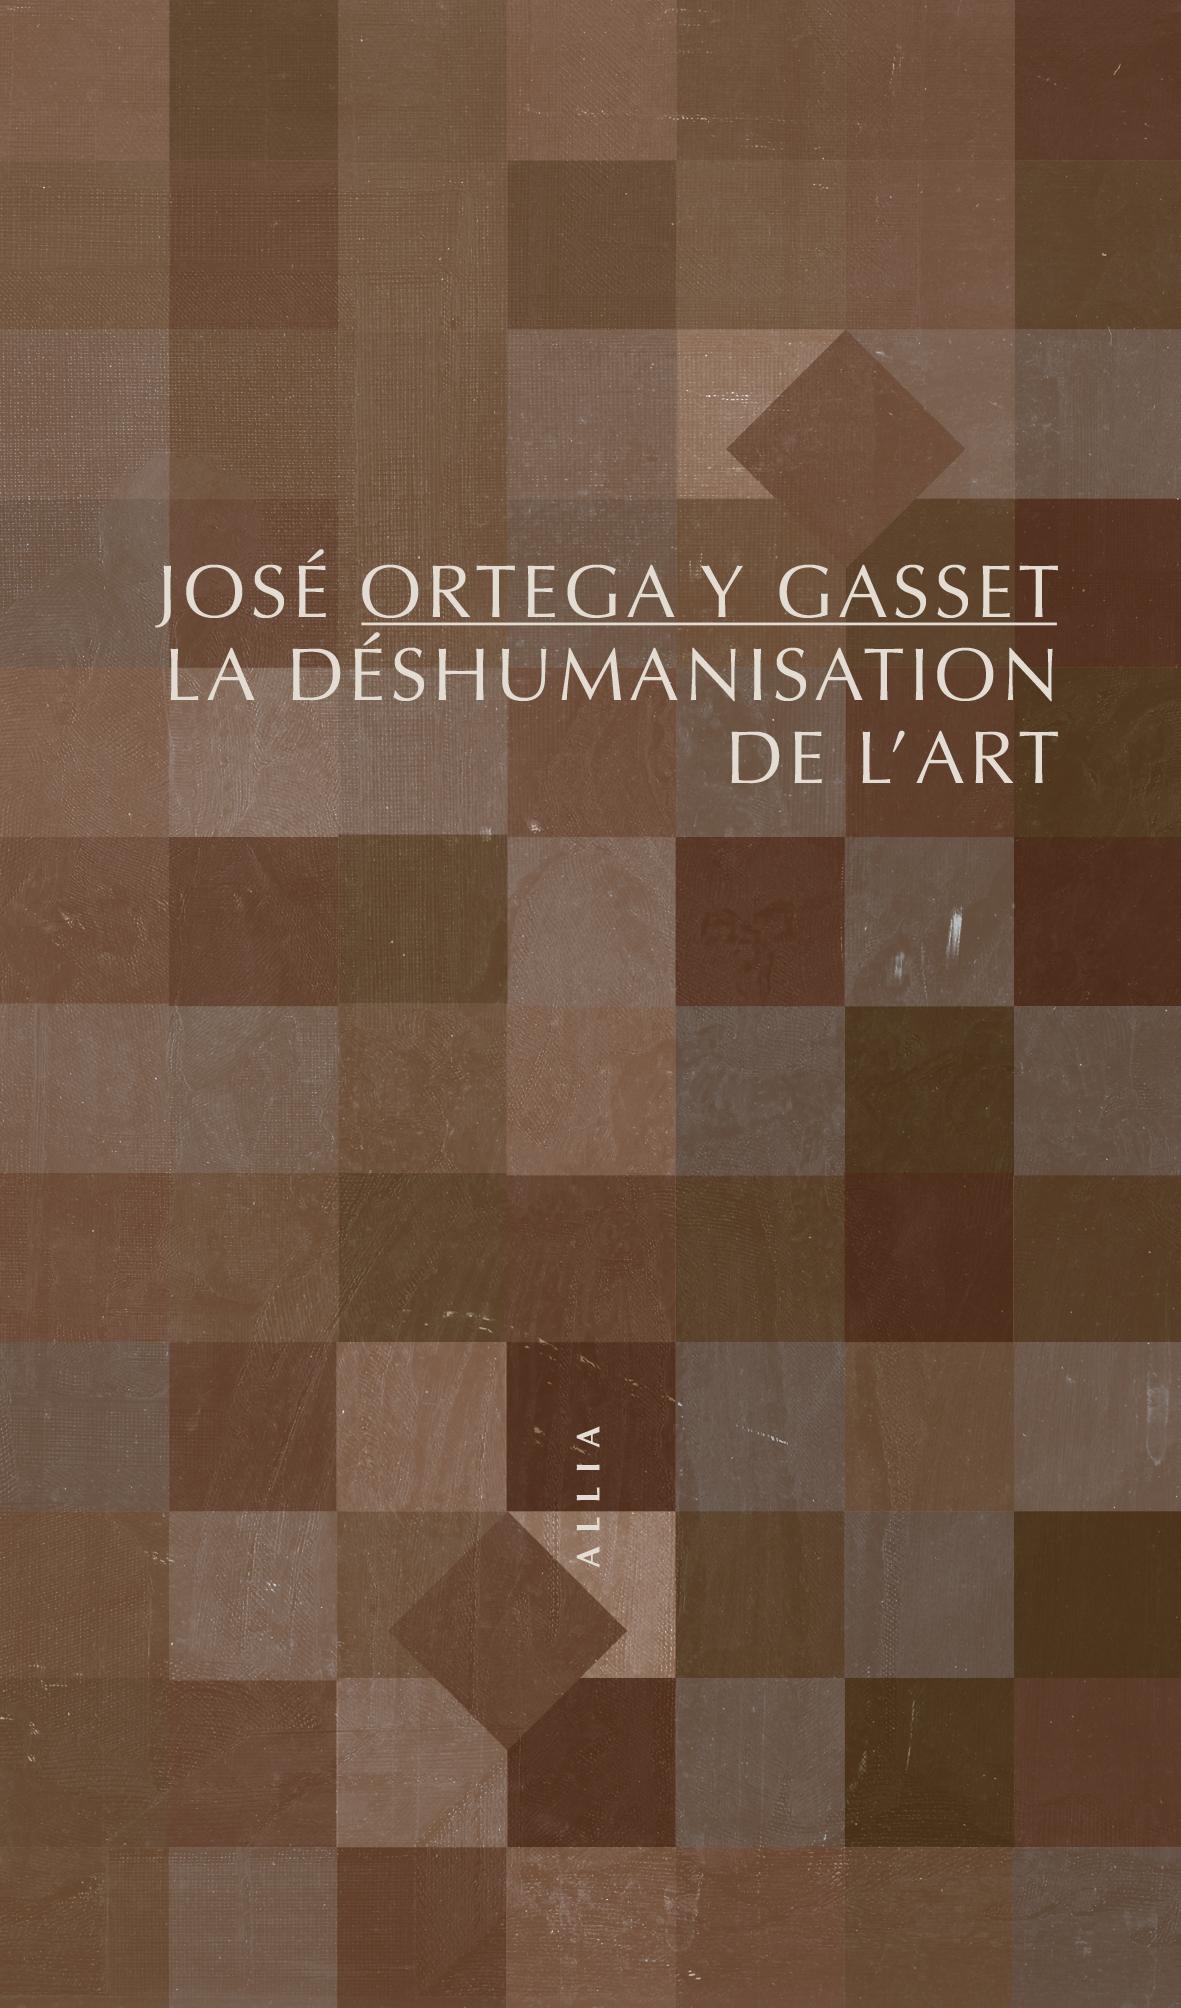 J. Ortega y Gasset, La Déshumanisation de l'art